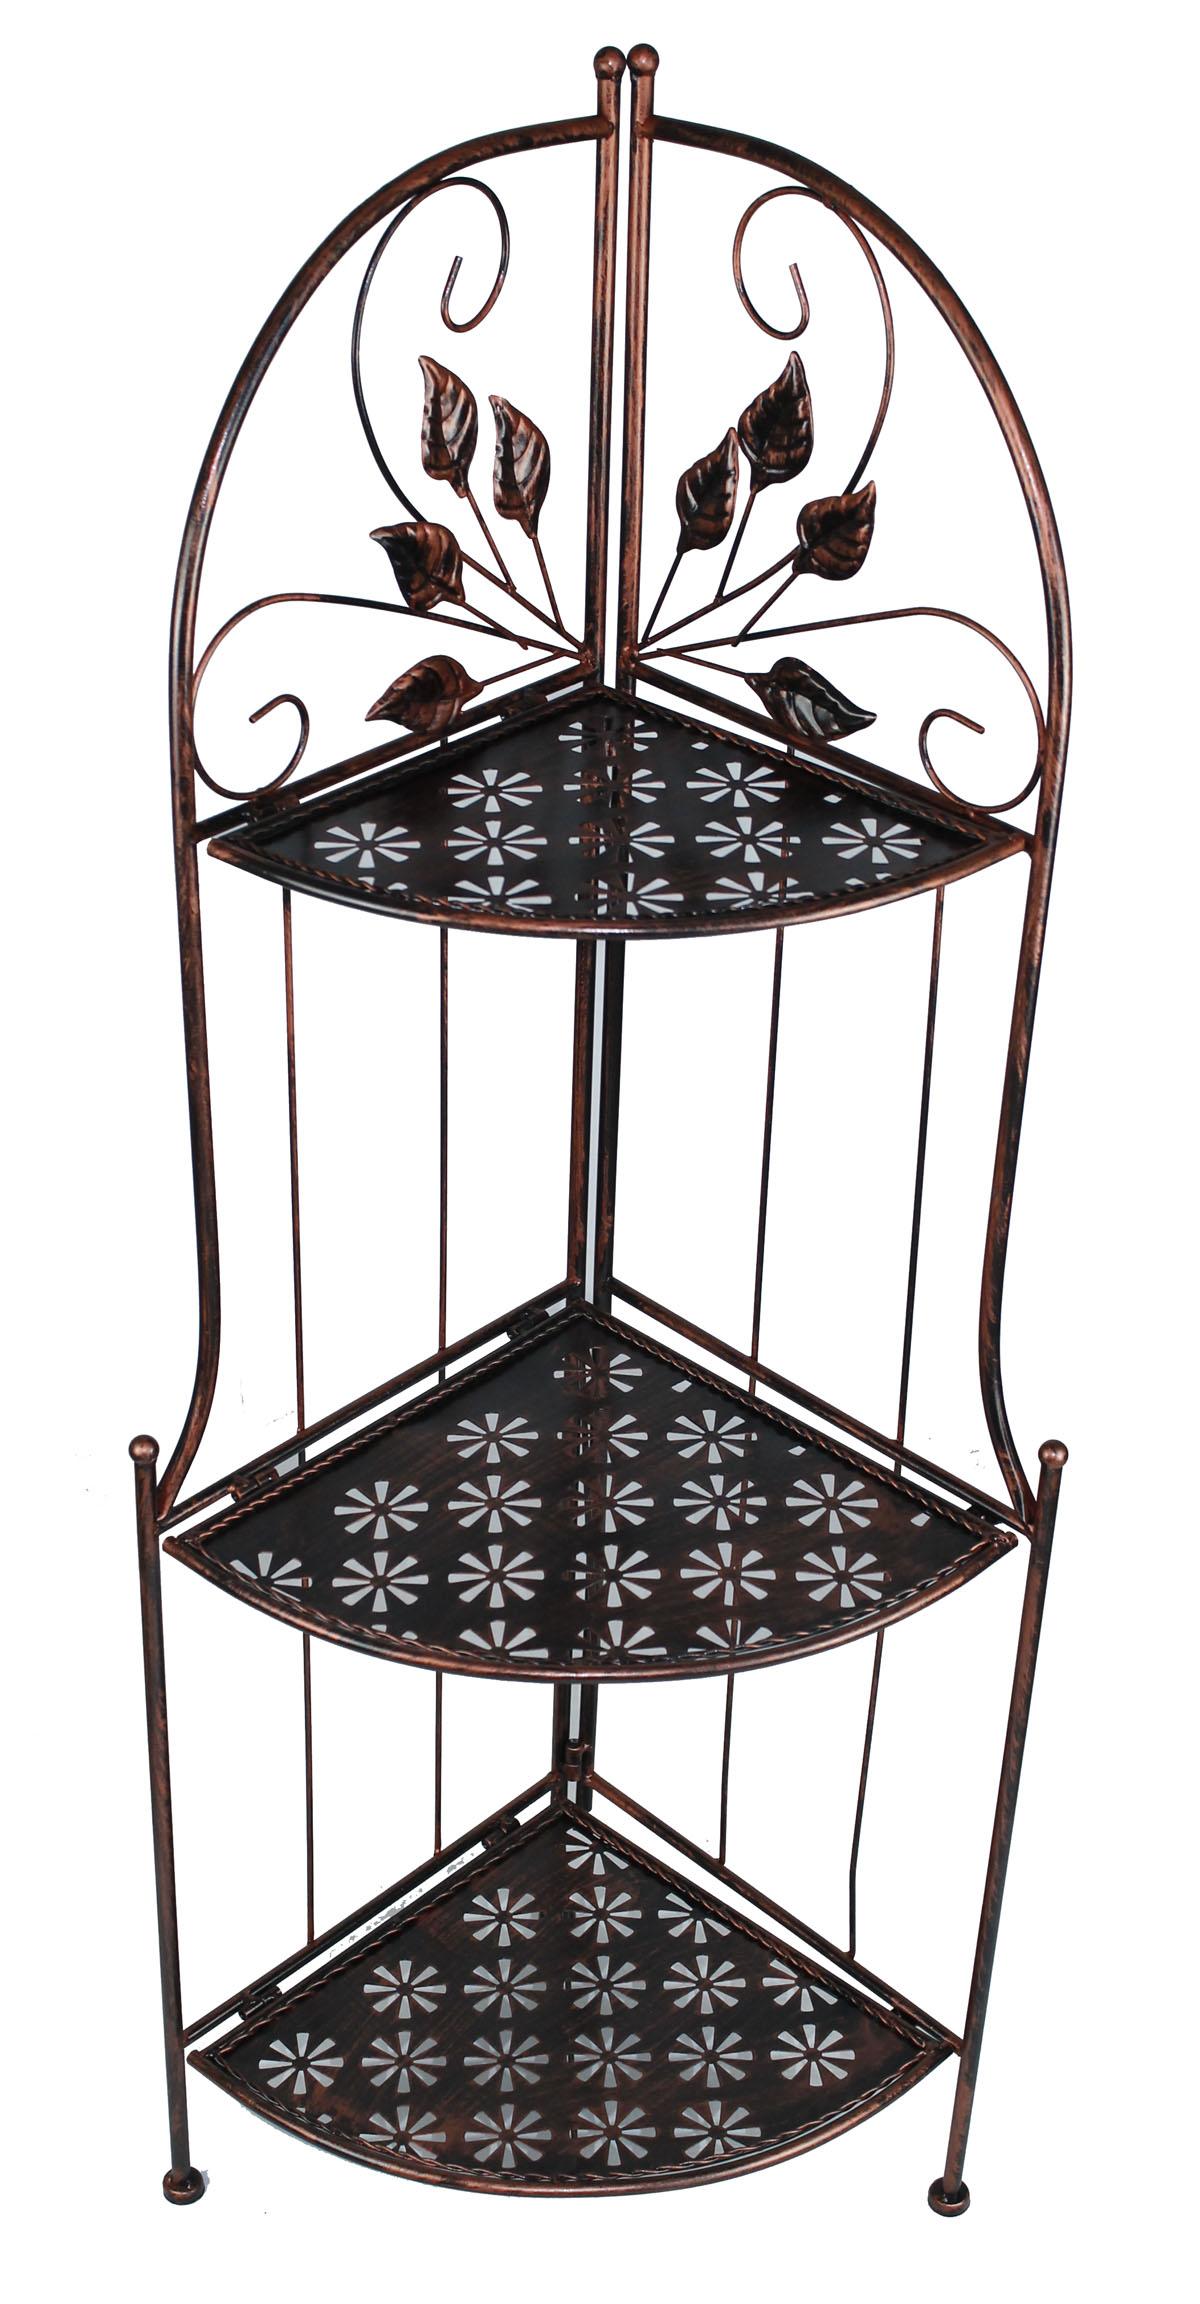 blumentreppe eckregal metall standregal eisenregal blumenst nder regal ln173 ebay. Black Bedroom Furniture Sets. Home Design Ideas